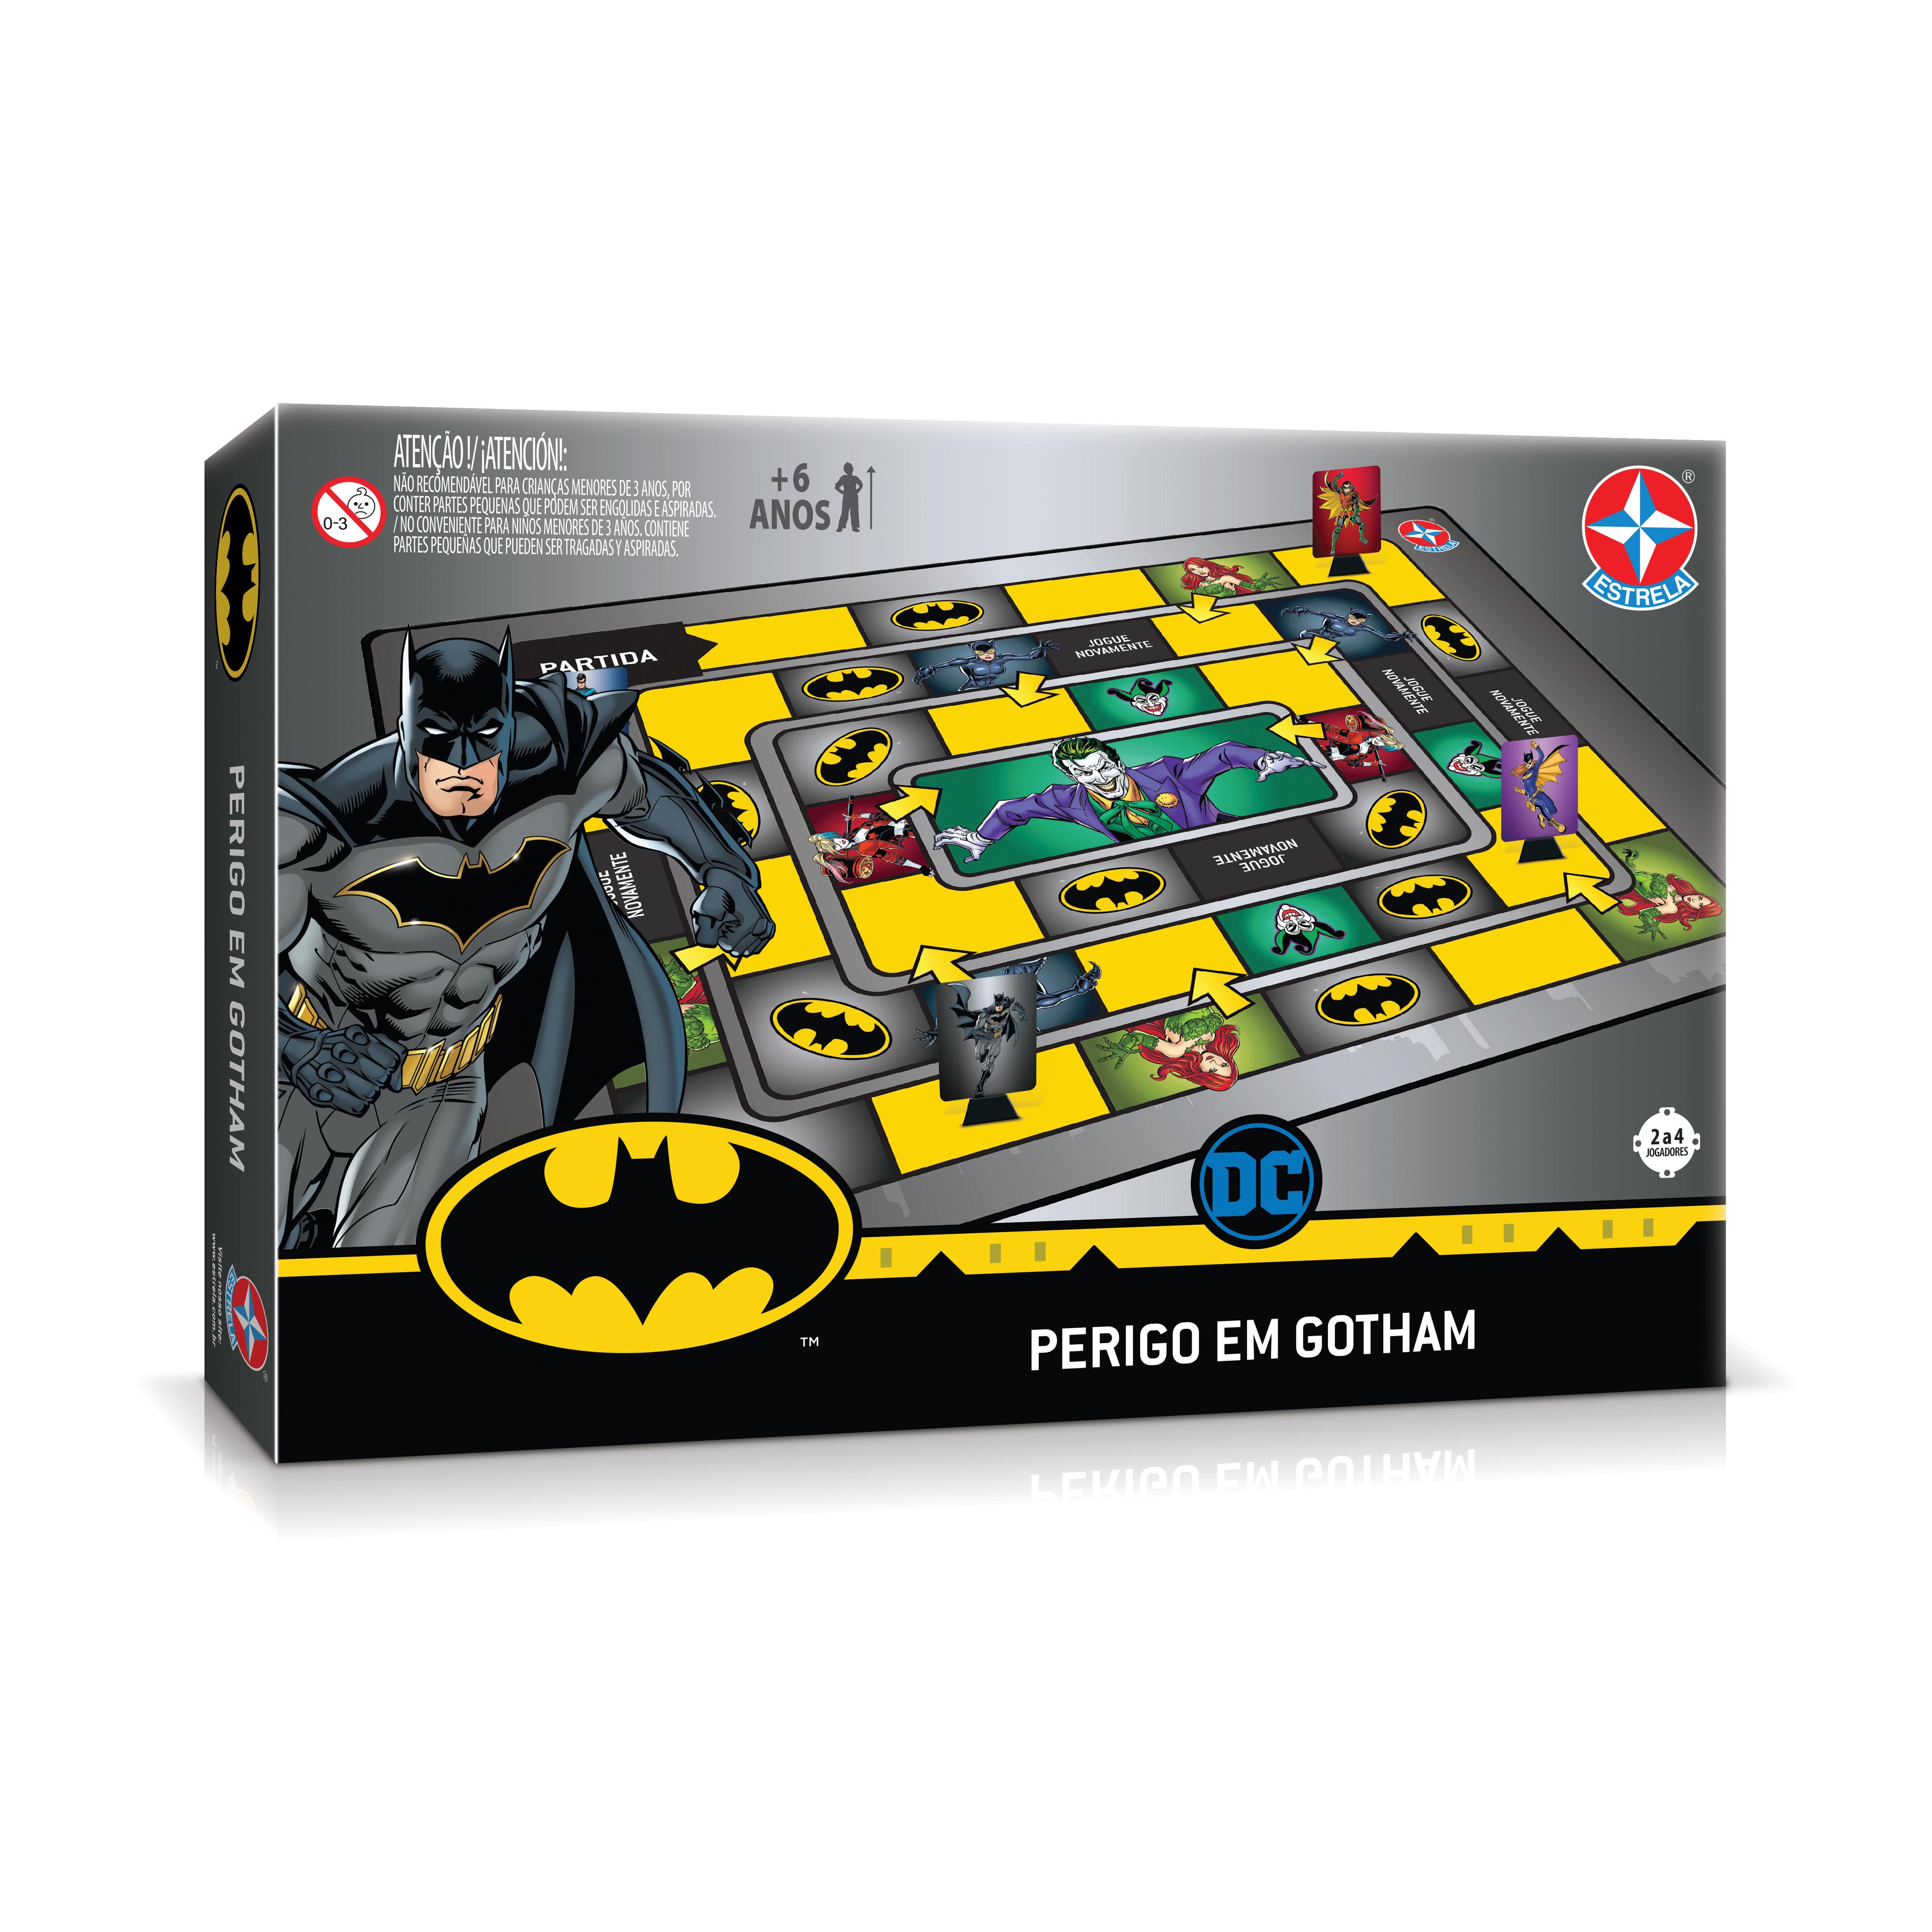 Jogo De Tabuleiro - DC Comics - Batman - Perigo em Gotham - Estrela